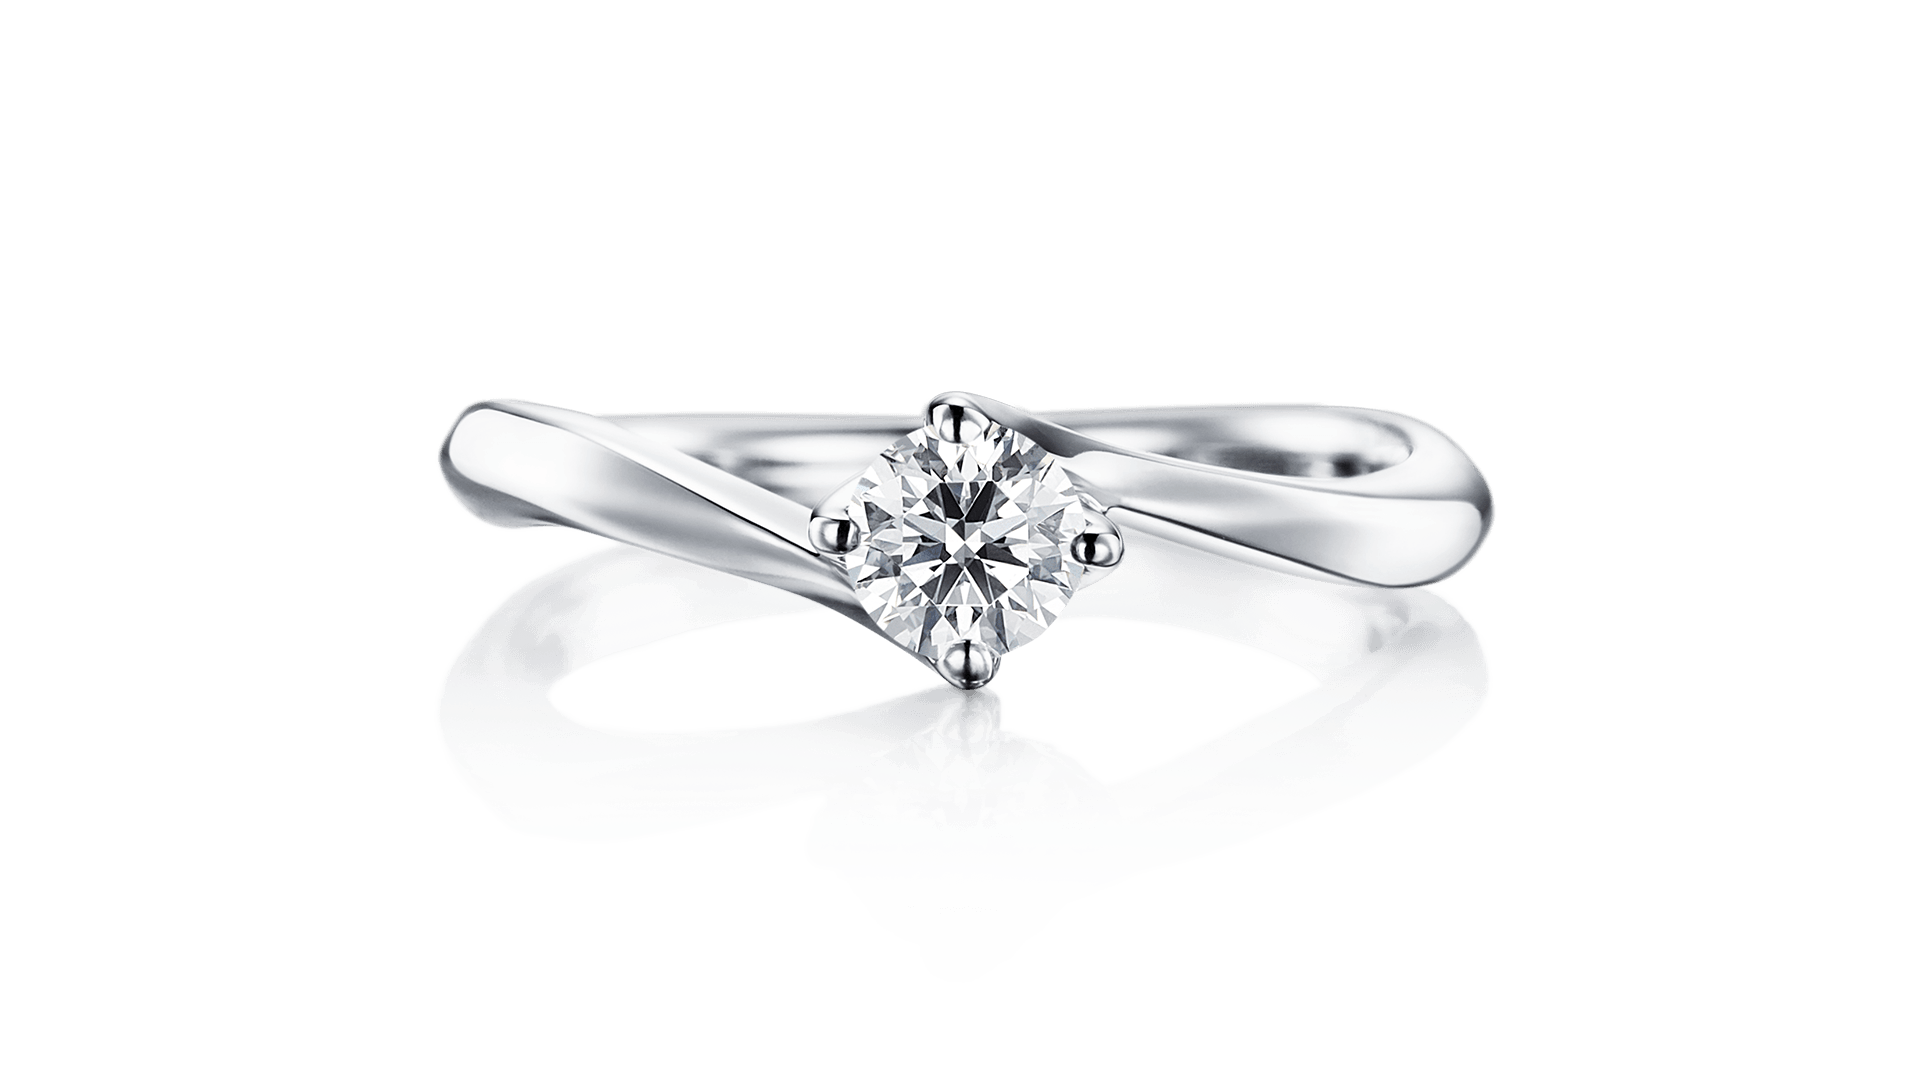 archel アーケル | 婚約指輪サムネイル 1